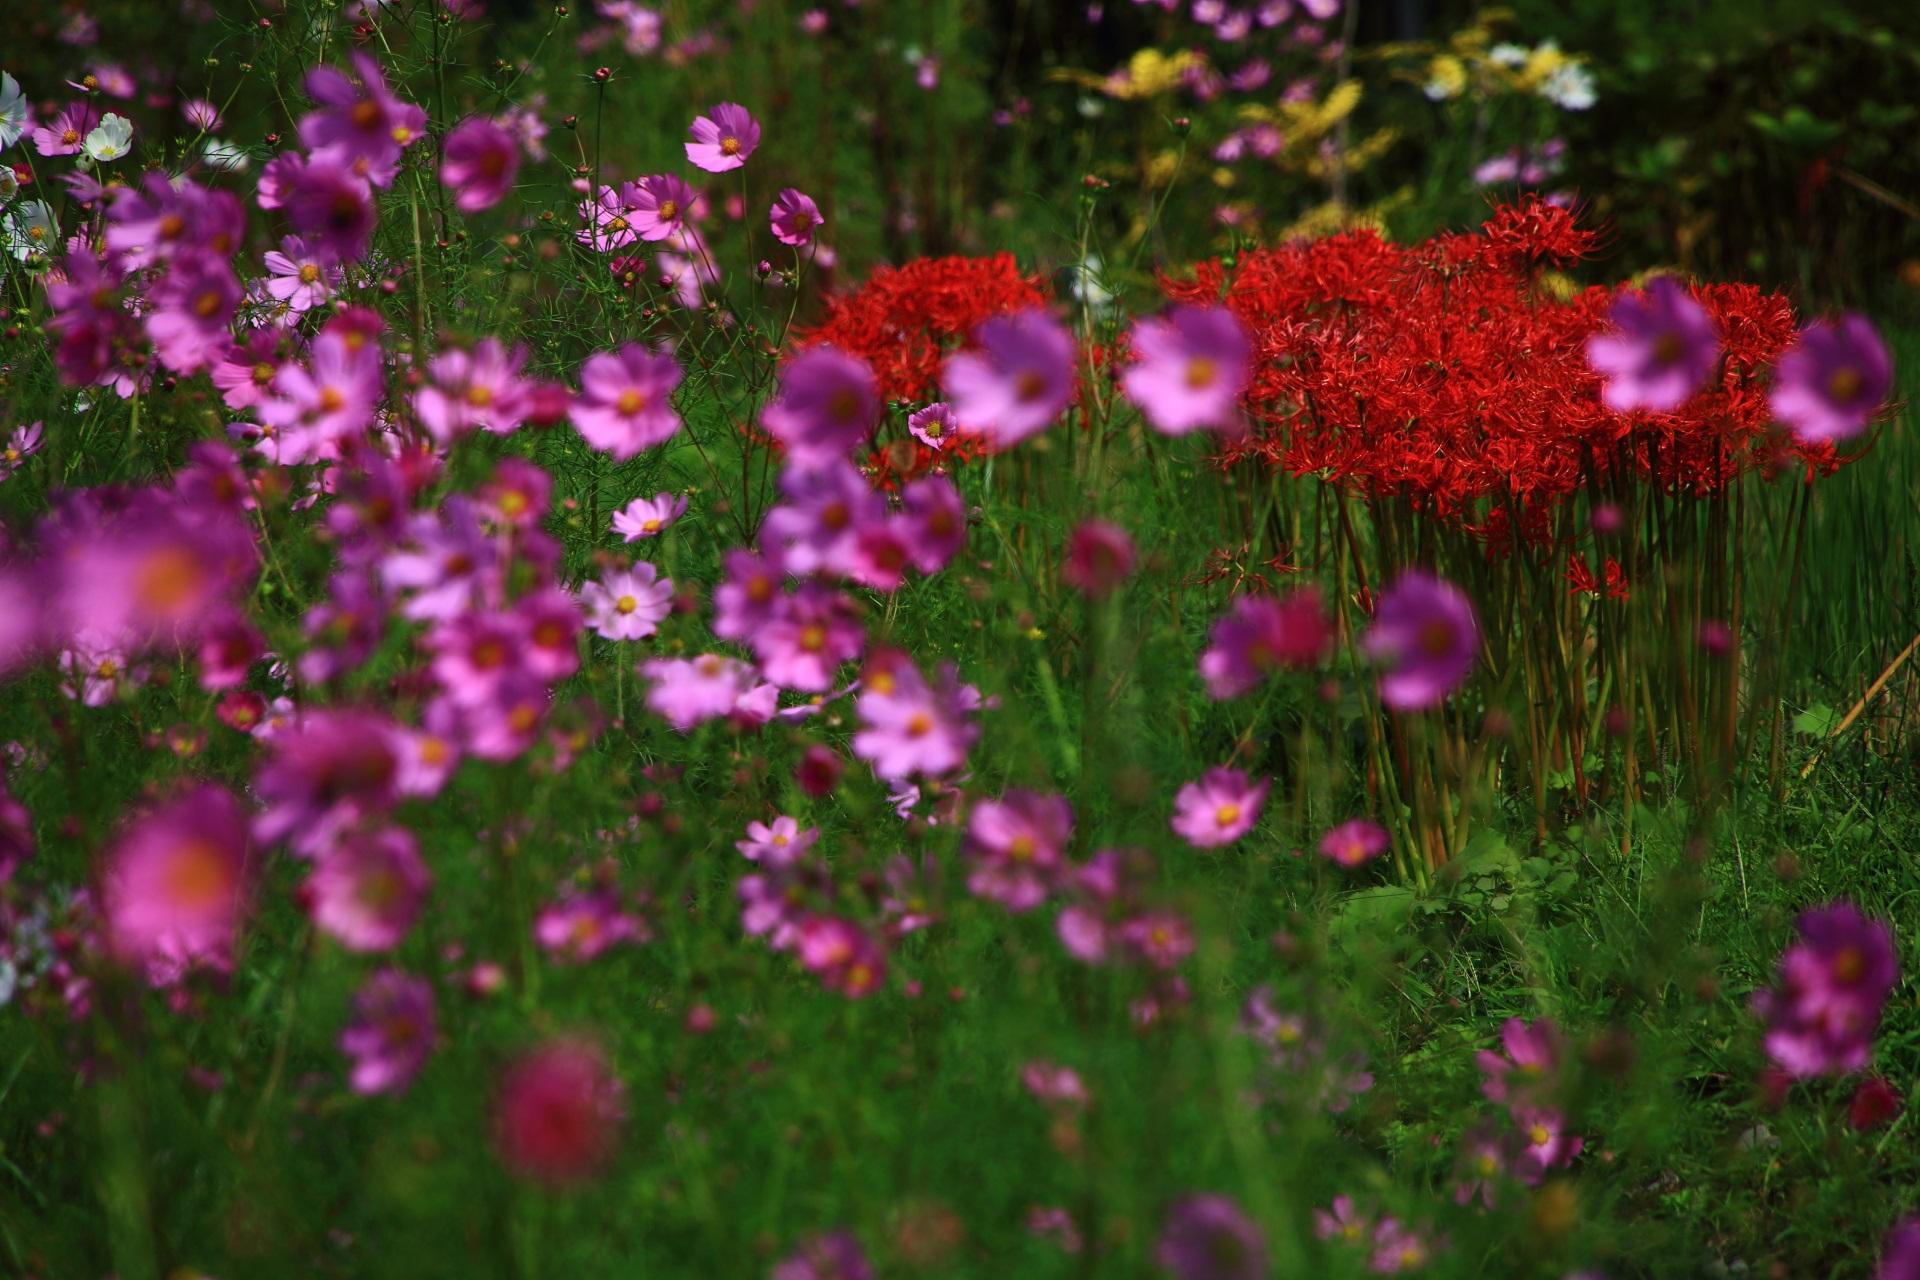 真っ赤な彼岸花と薄紫のコスモスとのコラボ